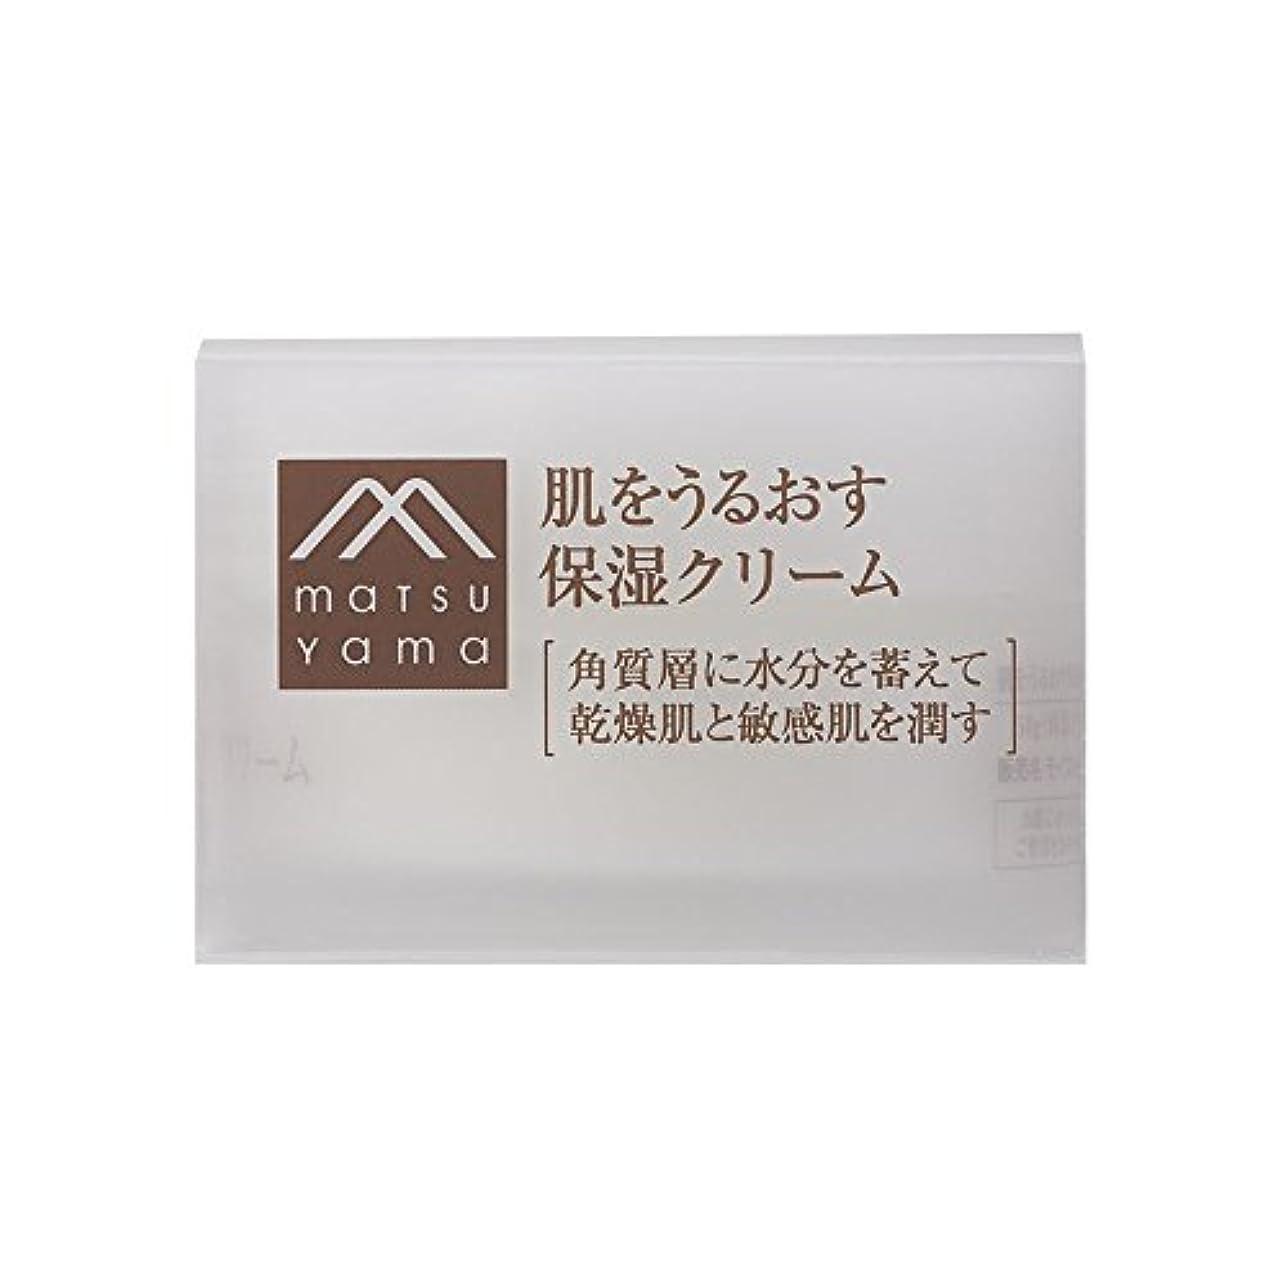 フルーツ深い省肌をうるおす保湿クリーム(クリーム) 濃厚クリーム [乾燥肌 敏感肌]